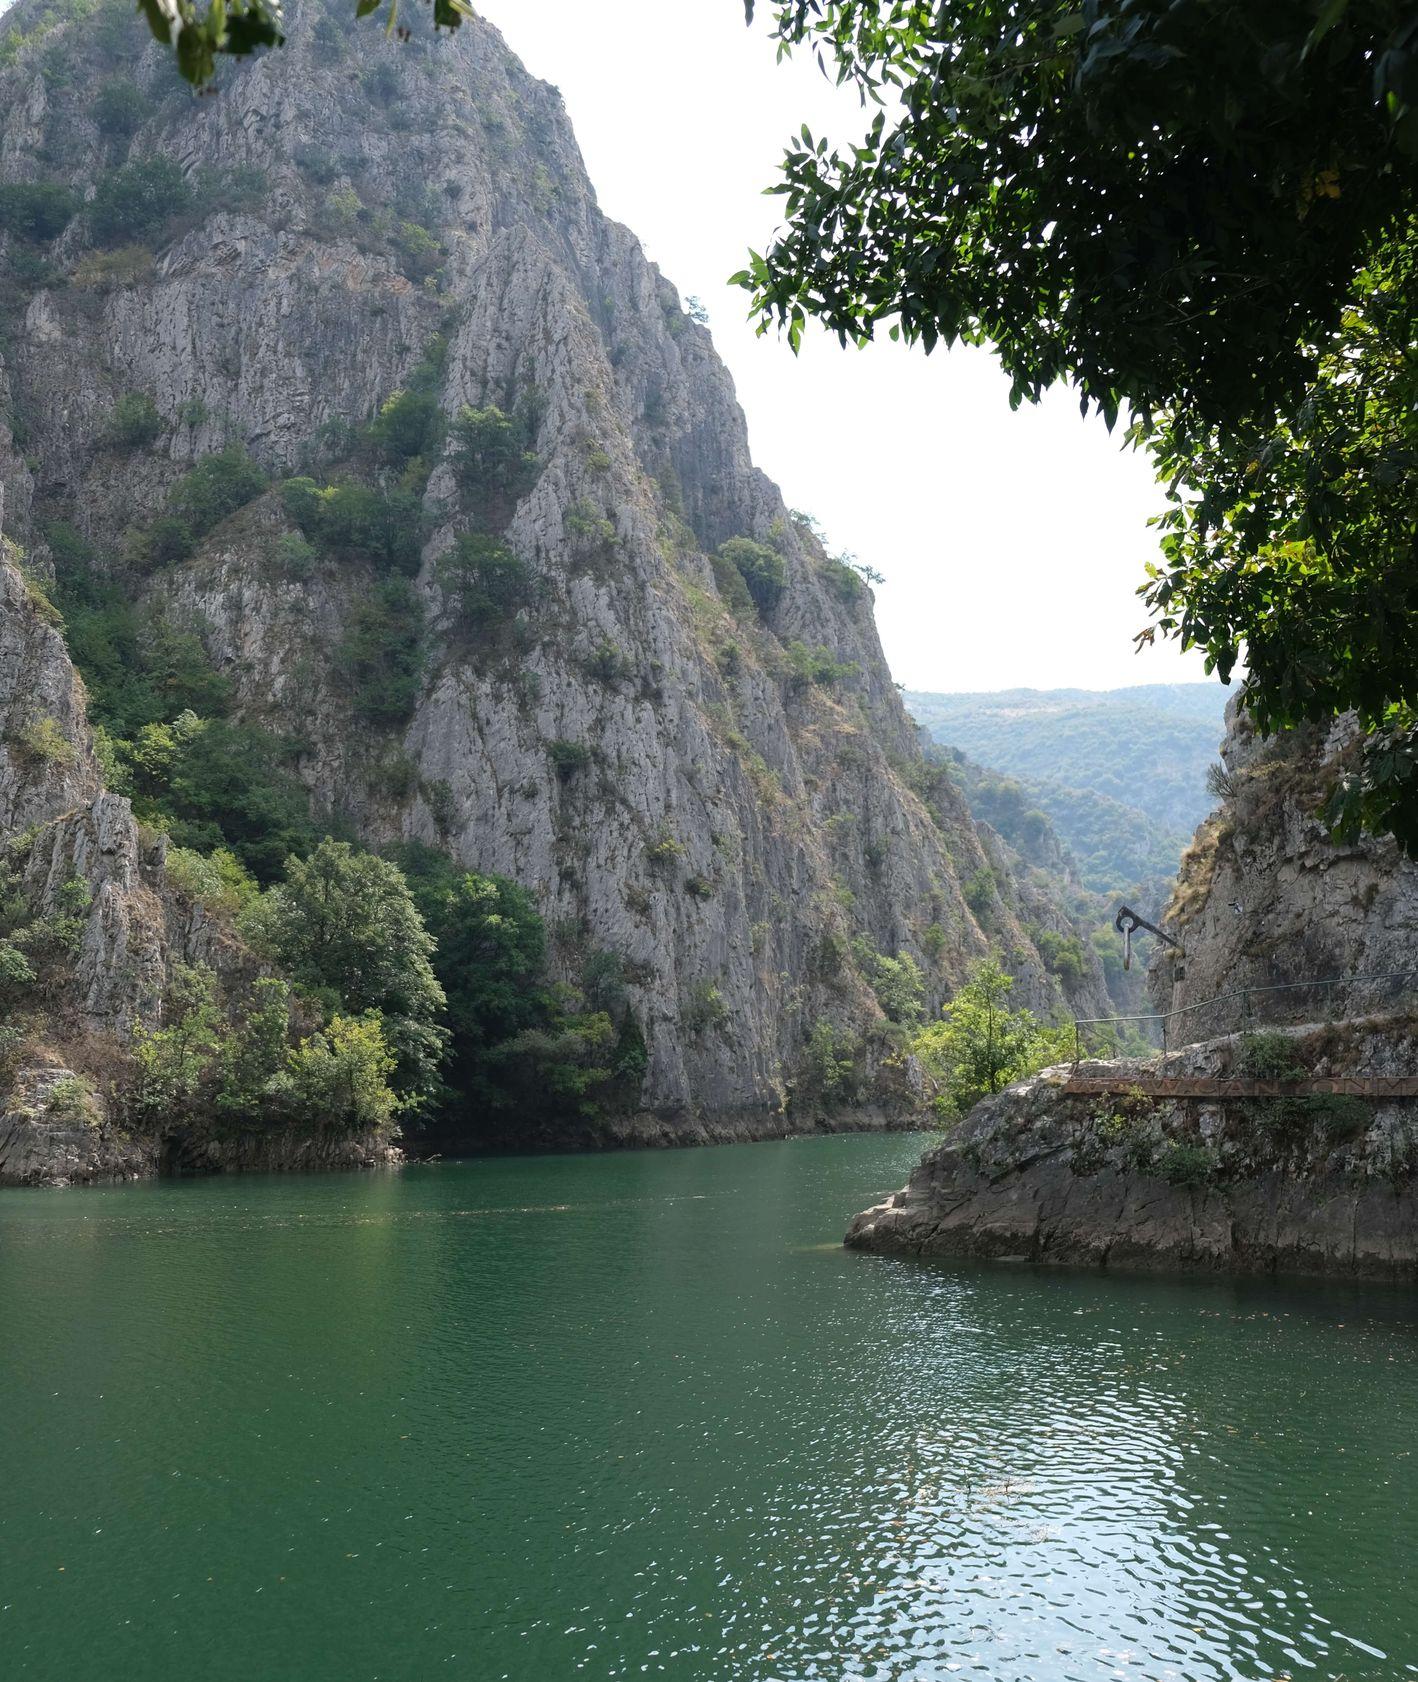 Co warto odwiedzić w Macedonii - Kanion Matka (fot. Kaja Werbanowska)